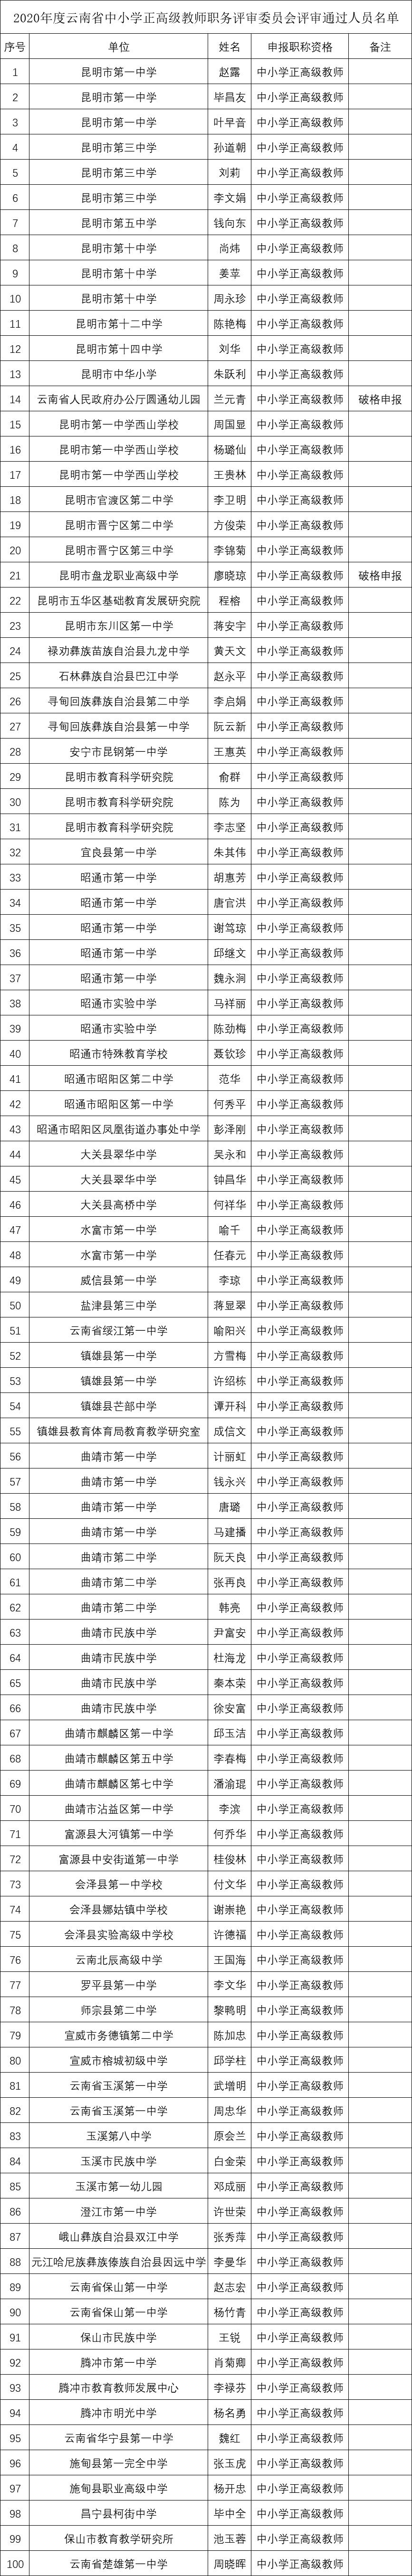 名单公示!云南198位教师拟晋升正高级,有你认识的吗?图片